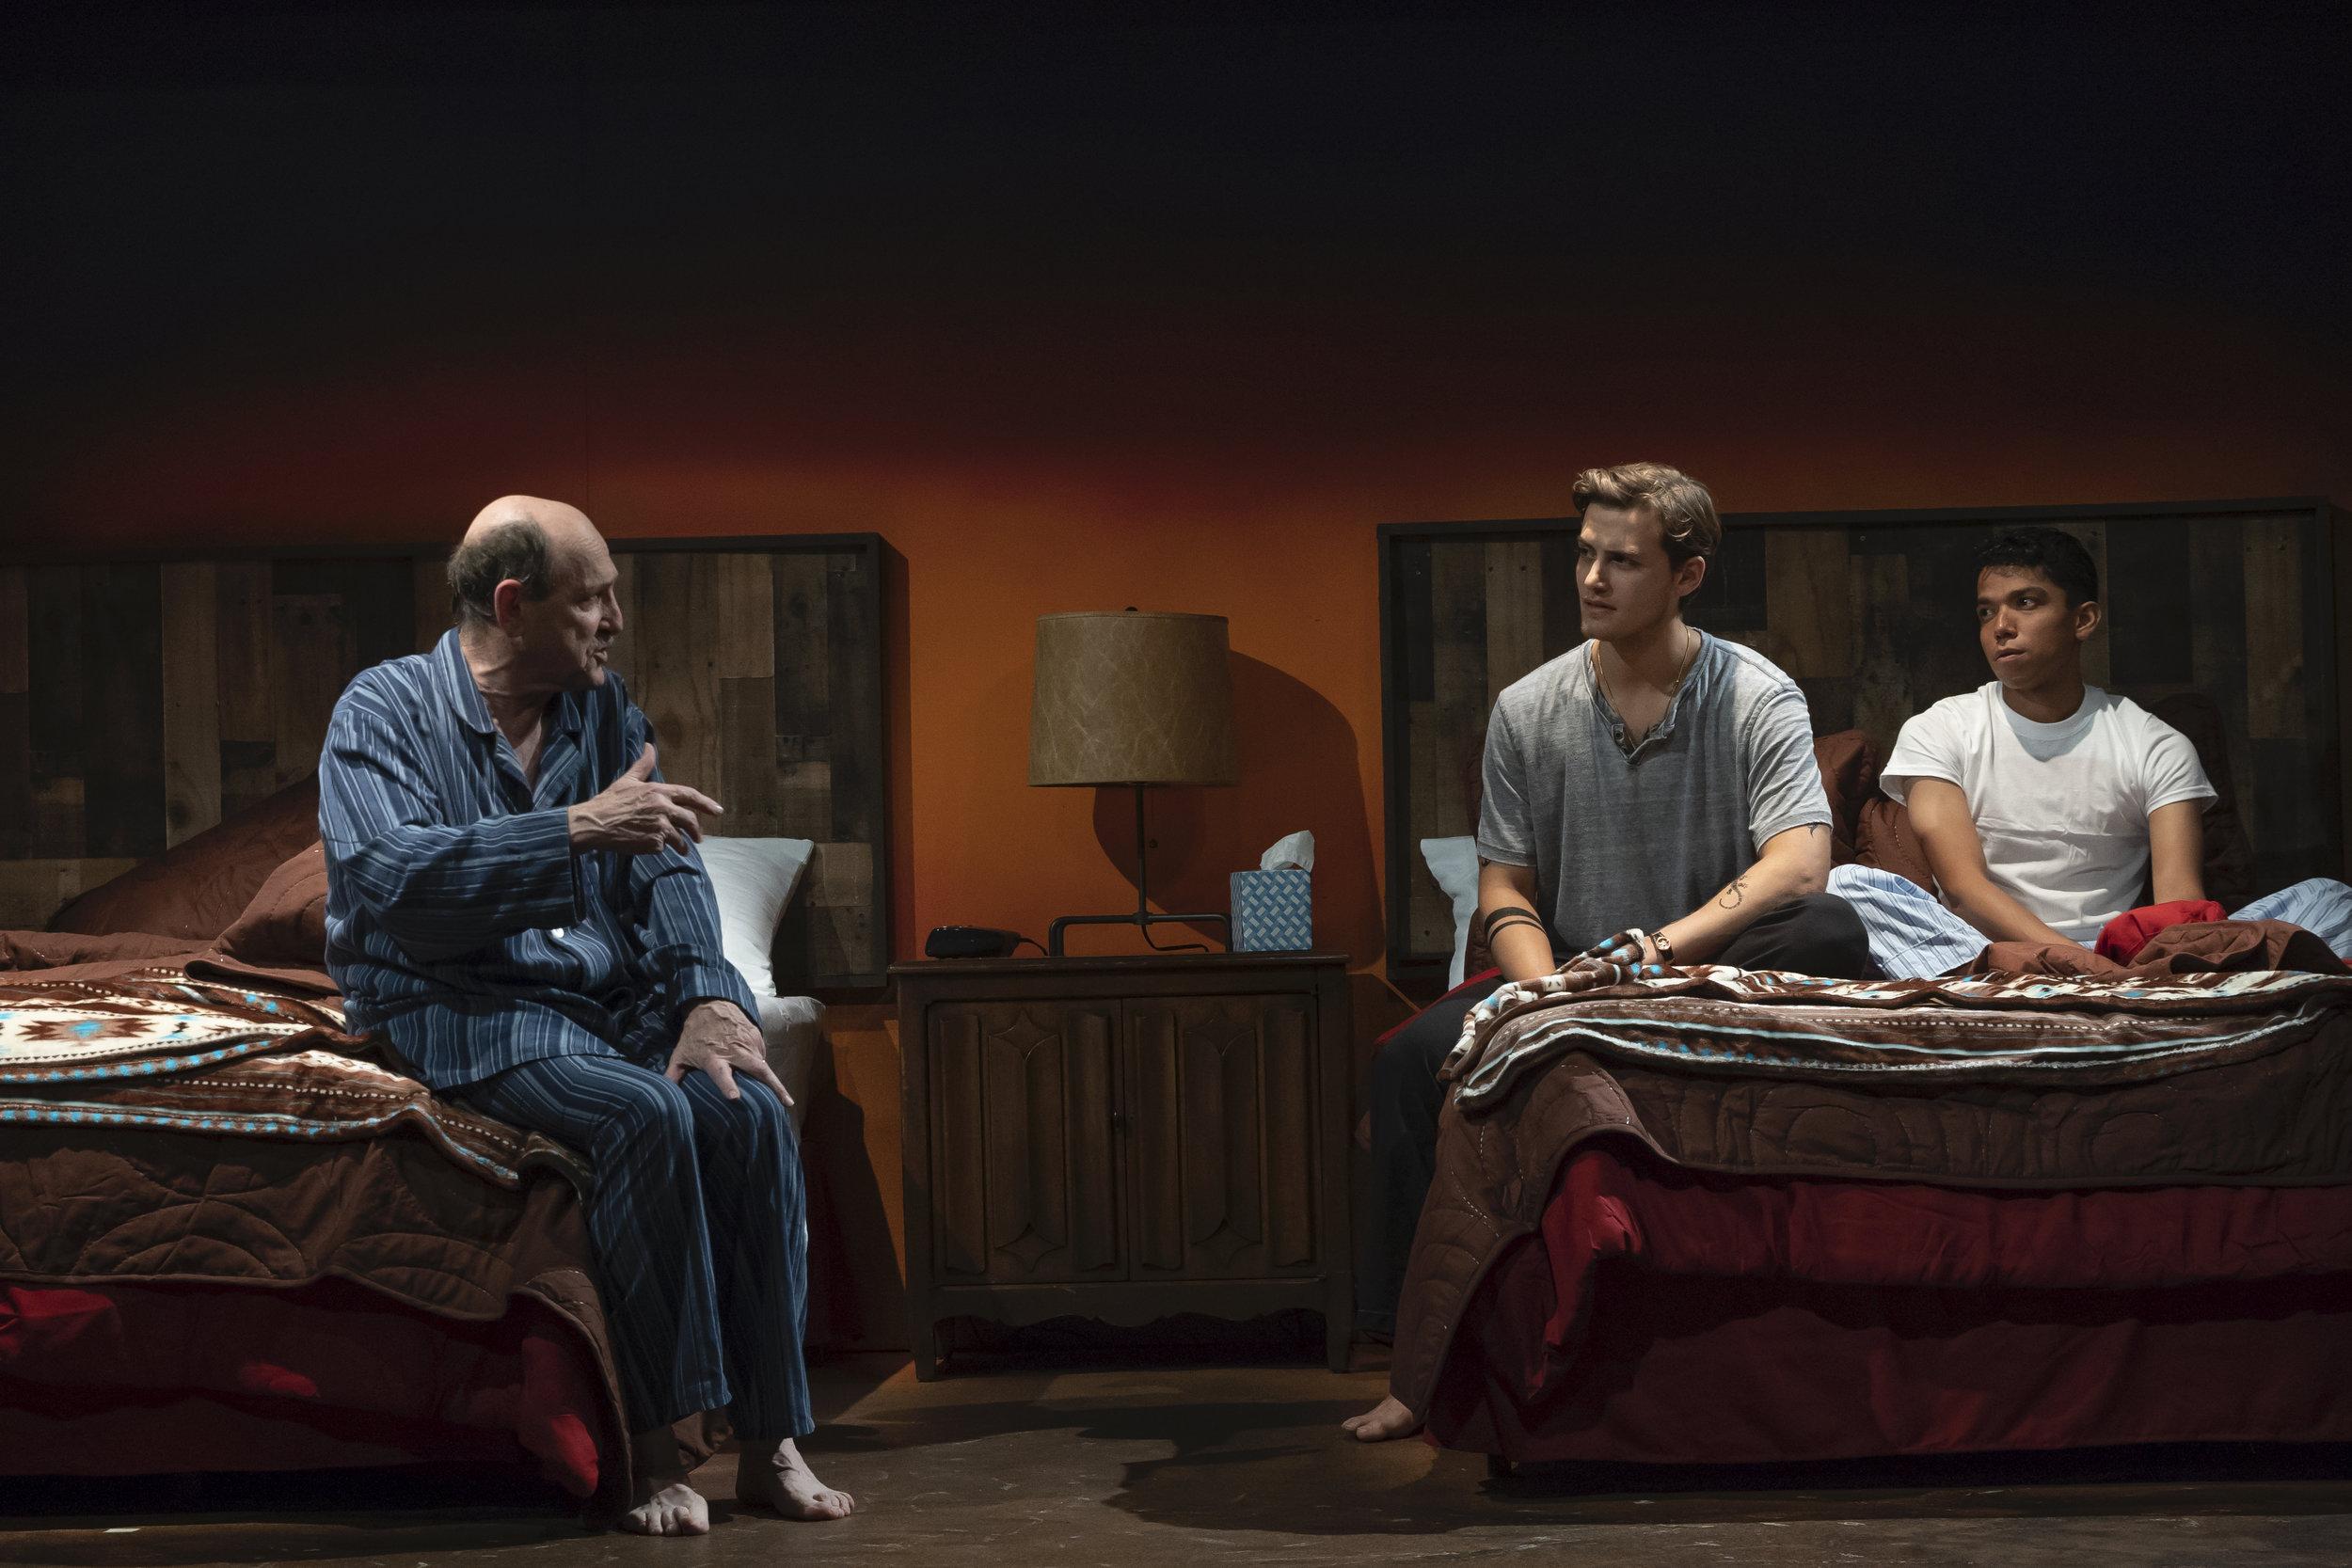 Rudy, Felix and Jackson